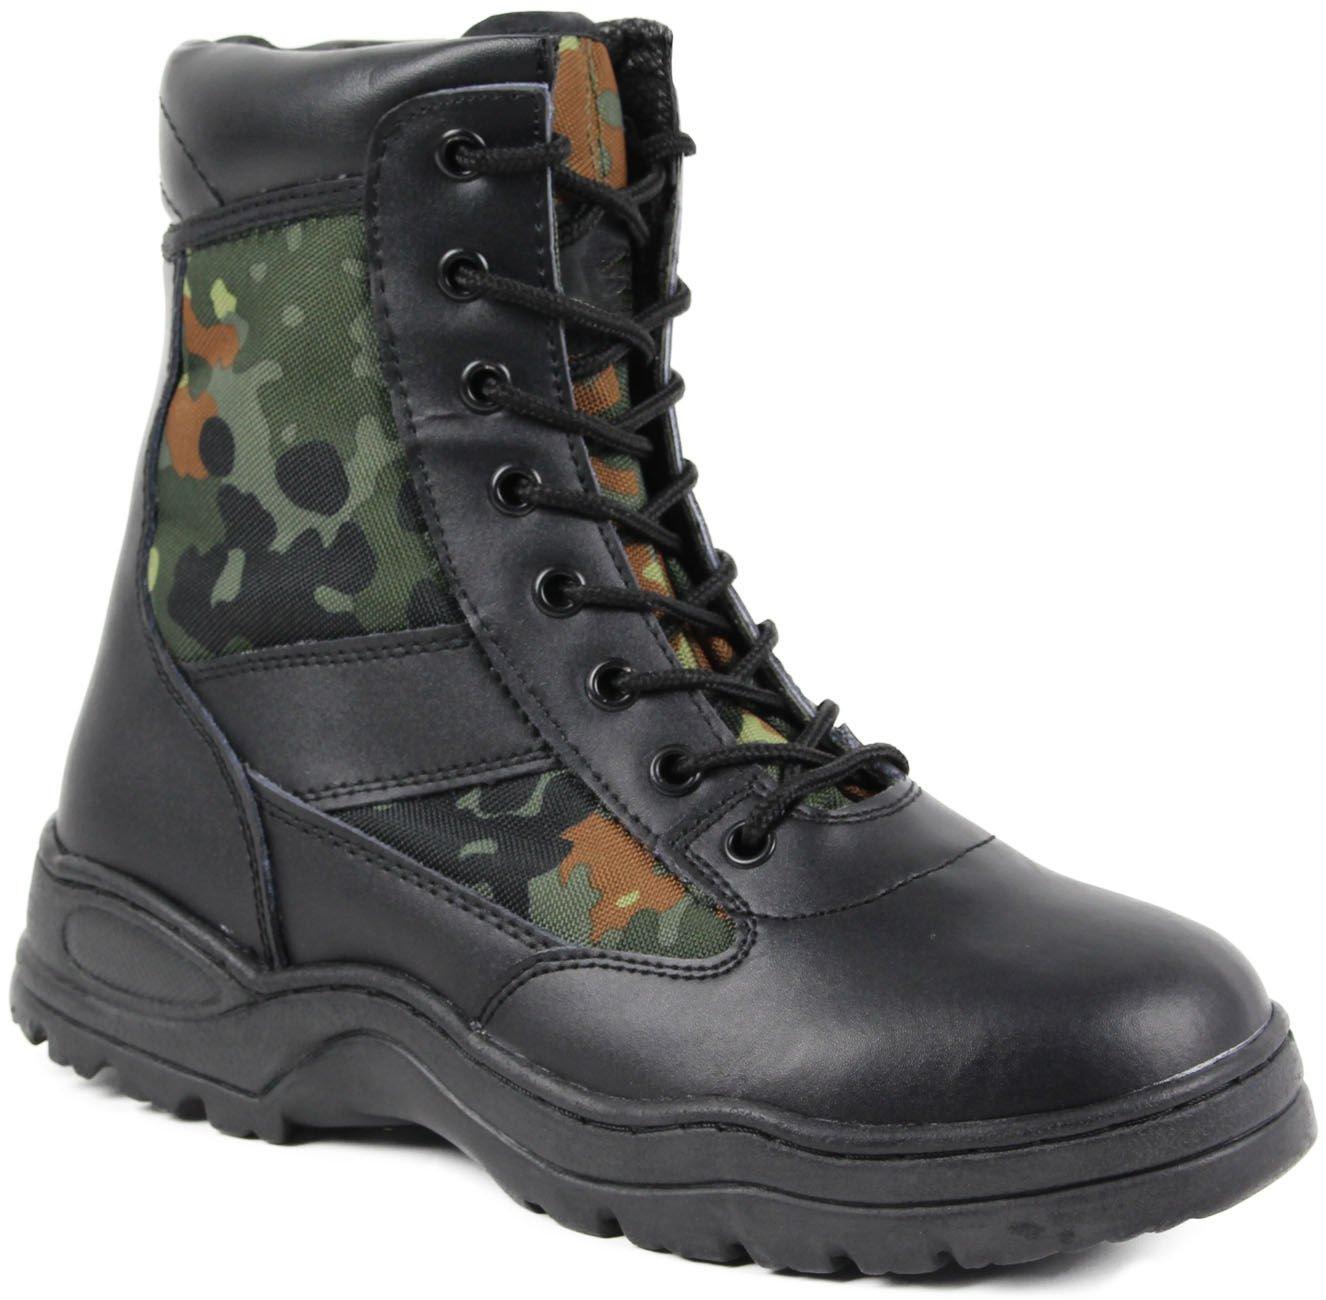 Mc Allister - Botas militares camuflaje Talla:41 41|- camuflaje